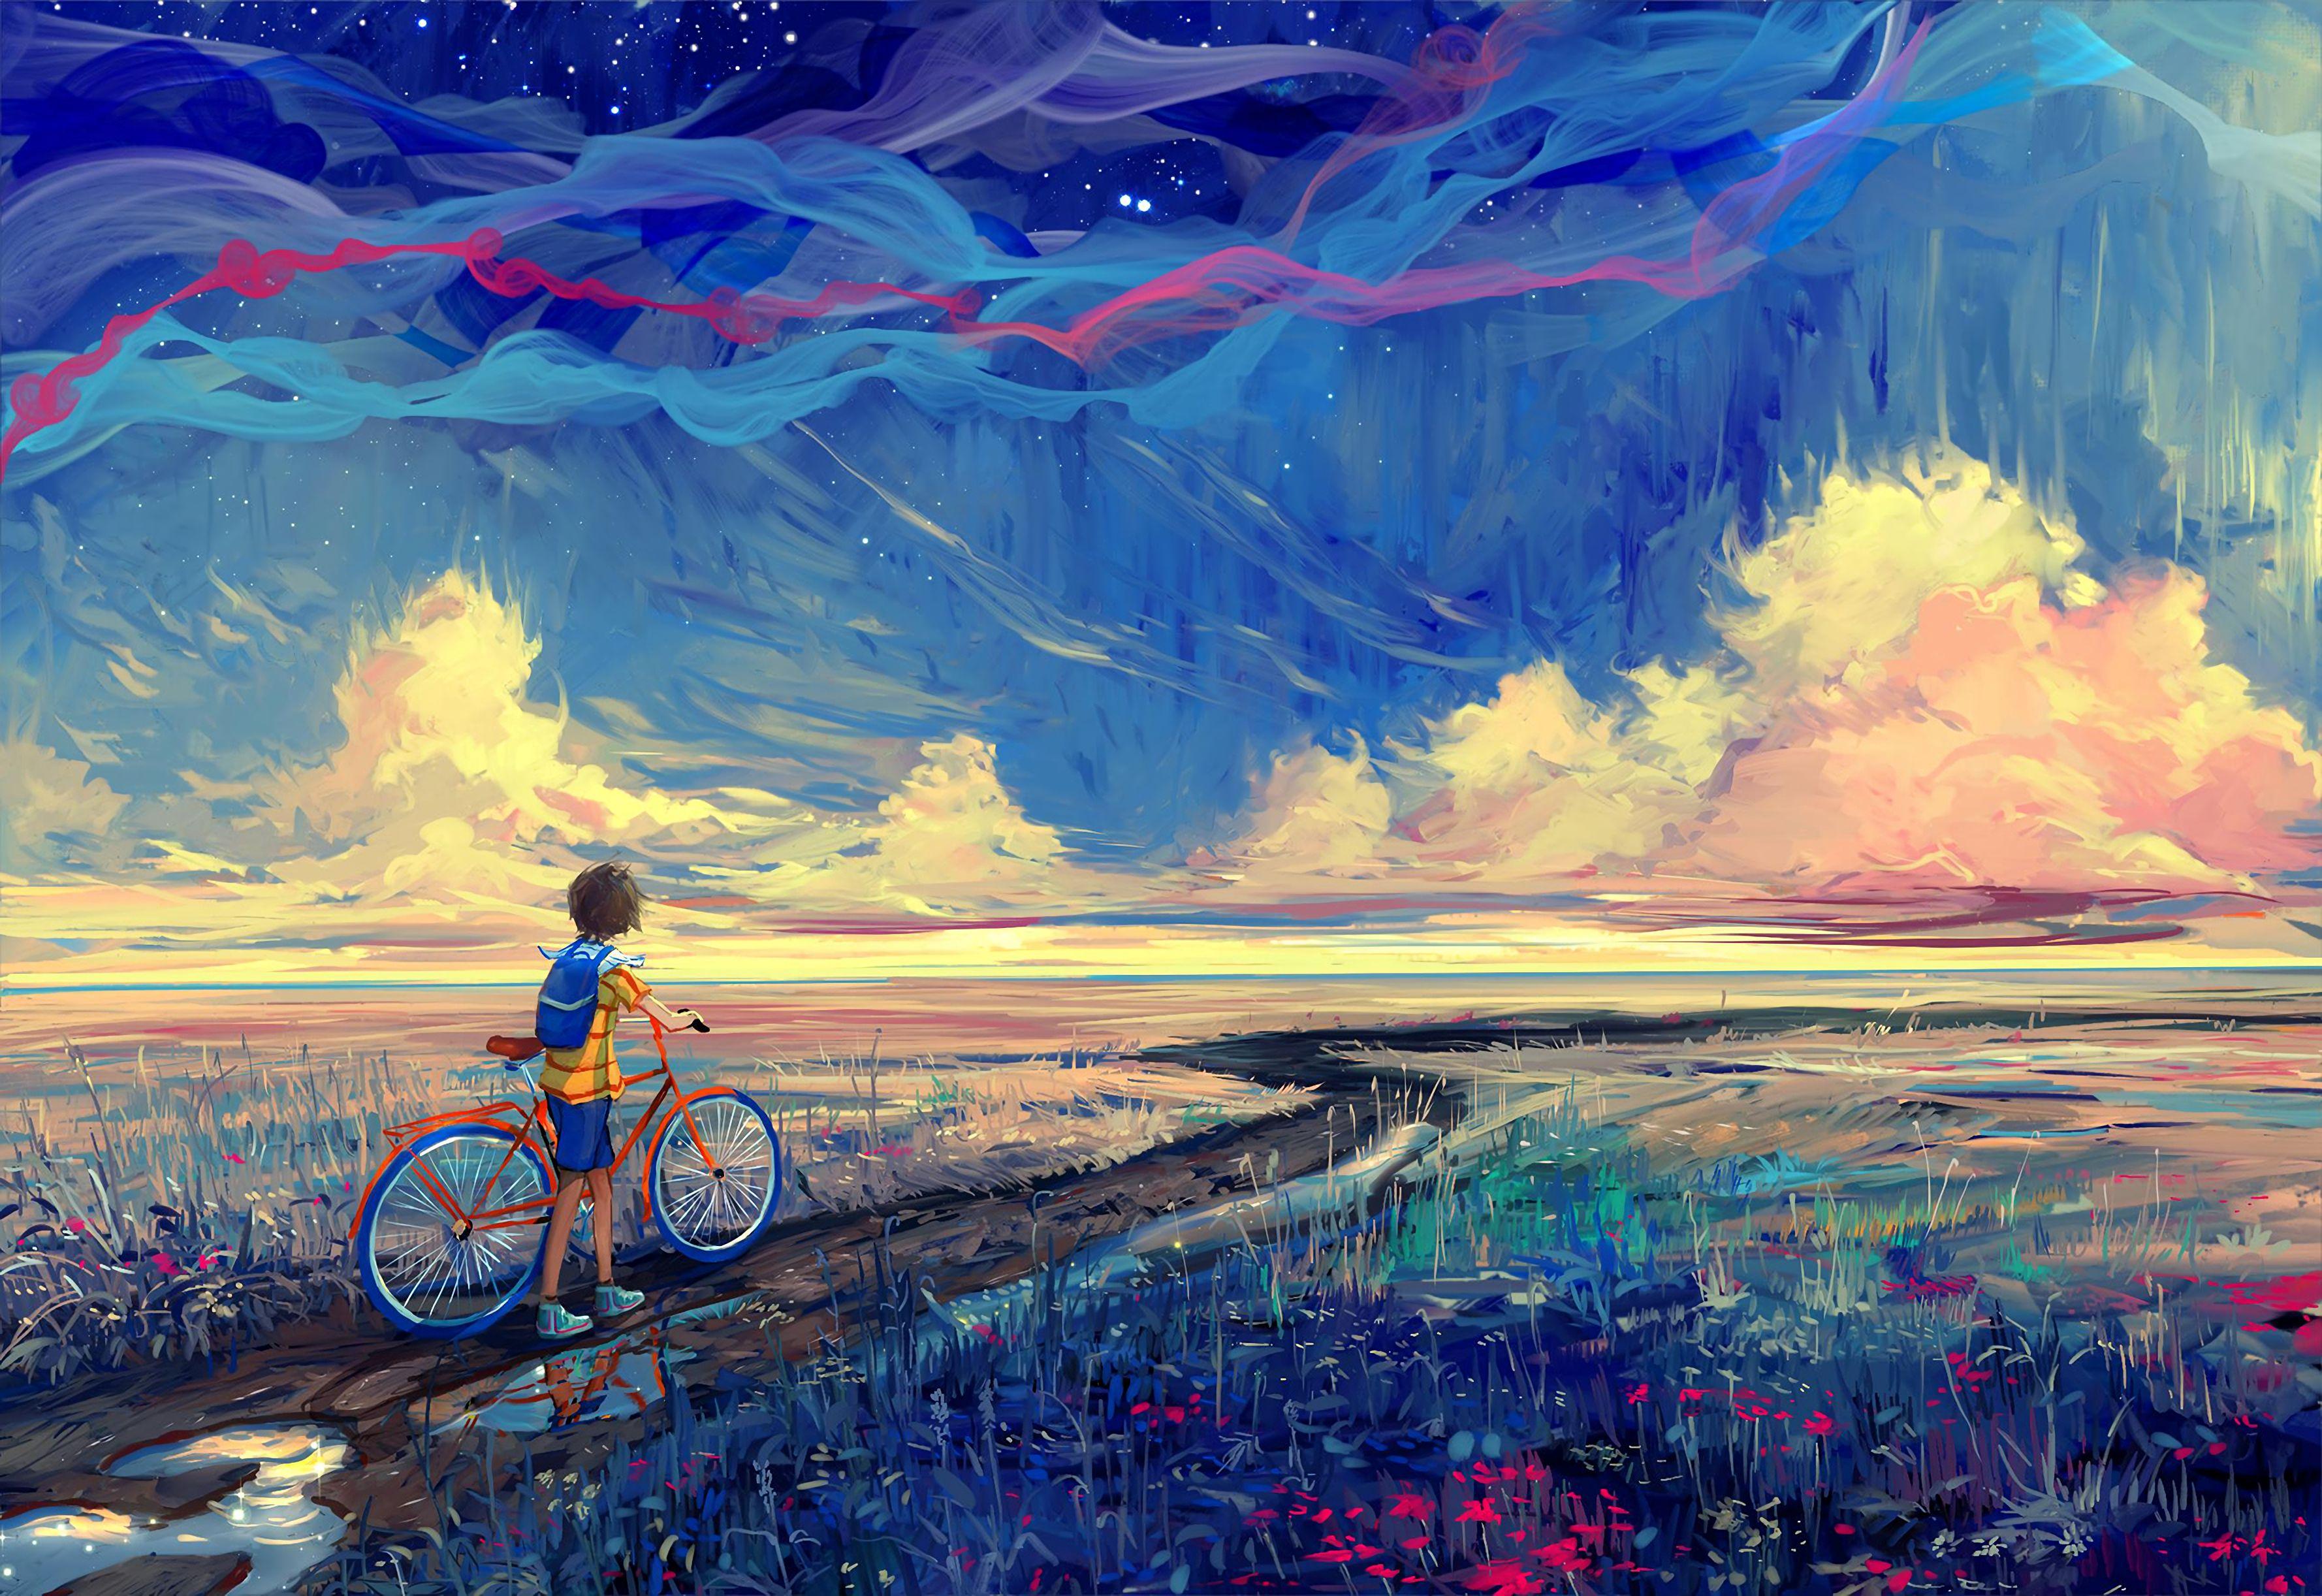 112701壁紙のダウンロード自転車, アート, サイクリスト, 道, パス-スクリーンセーバーと写真を無料で